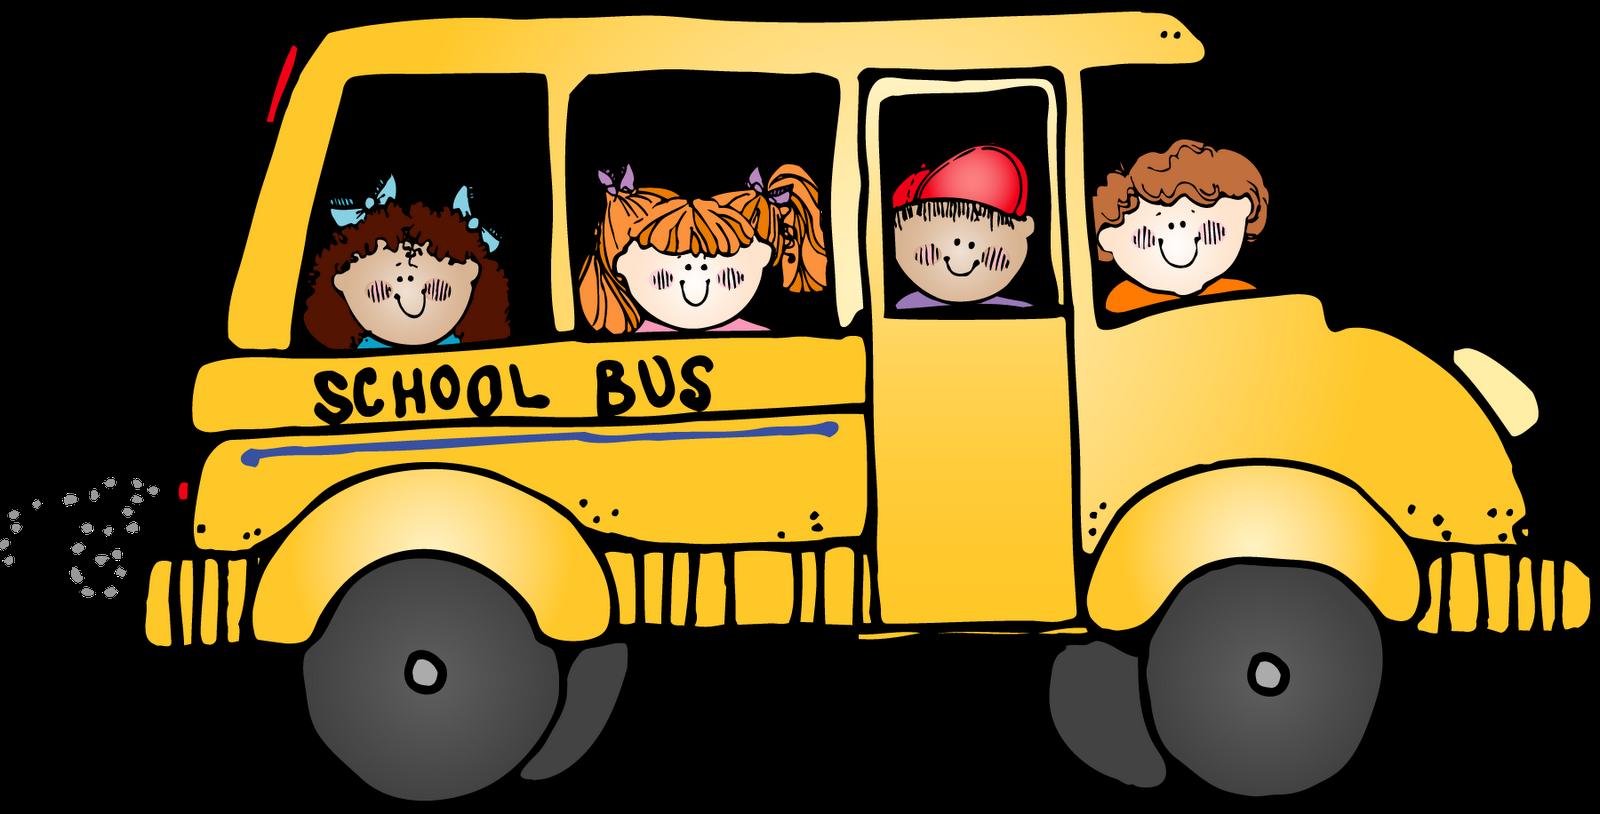 School Bus Safety Crafts